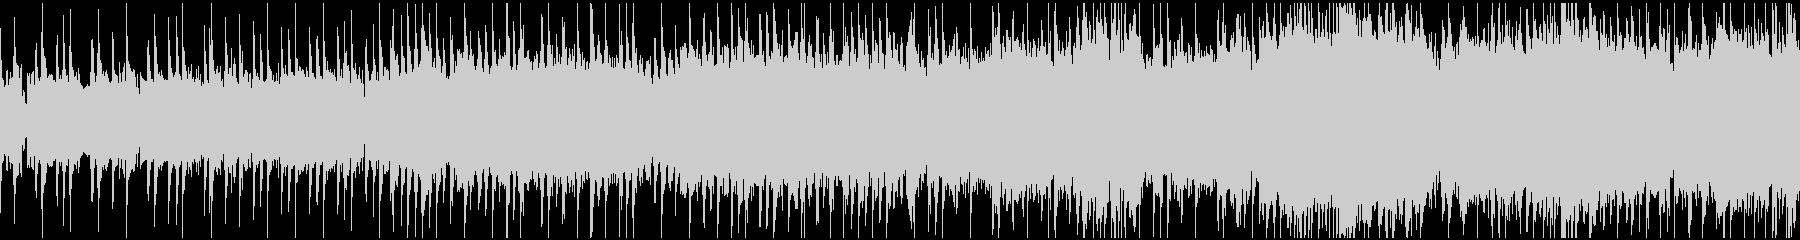 ガッツリ ワイルドなギターサウンドの未再生の波形